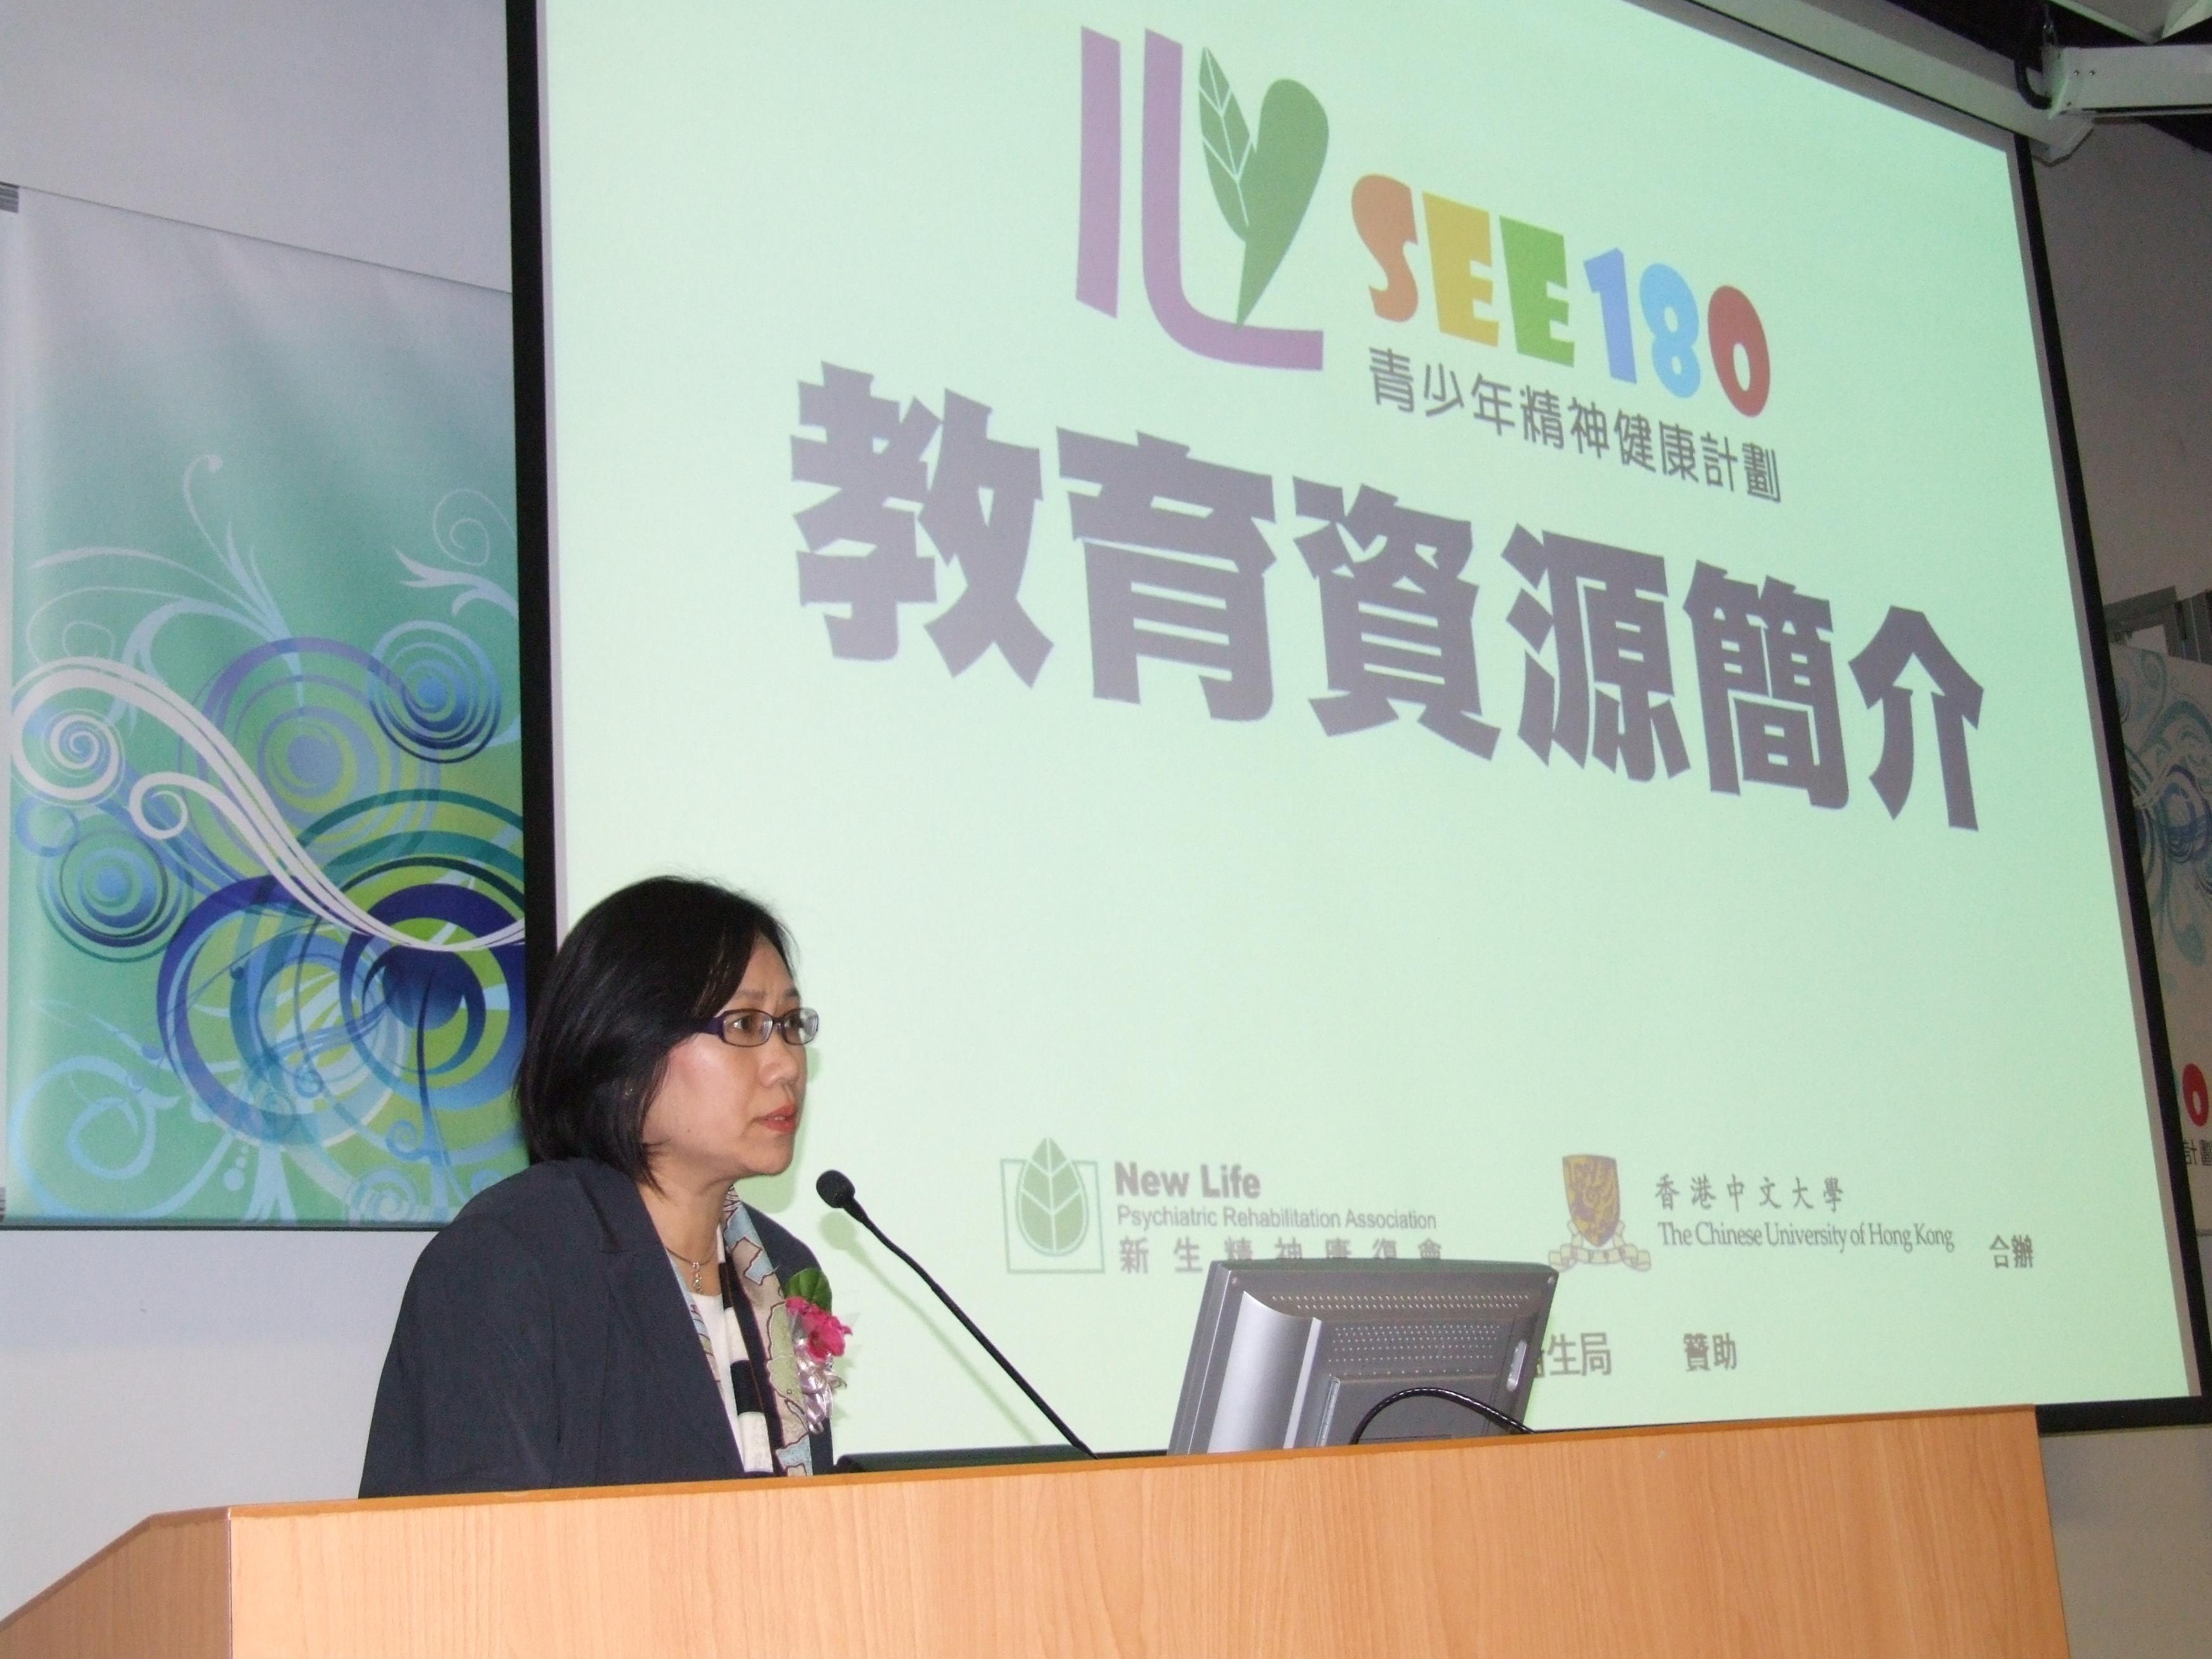 新生精神康復會行政總裁游秀慧小姐介紹《心SEE180》青少年精神健康計劃